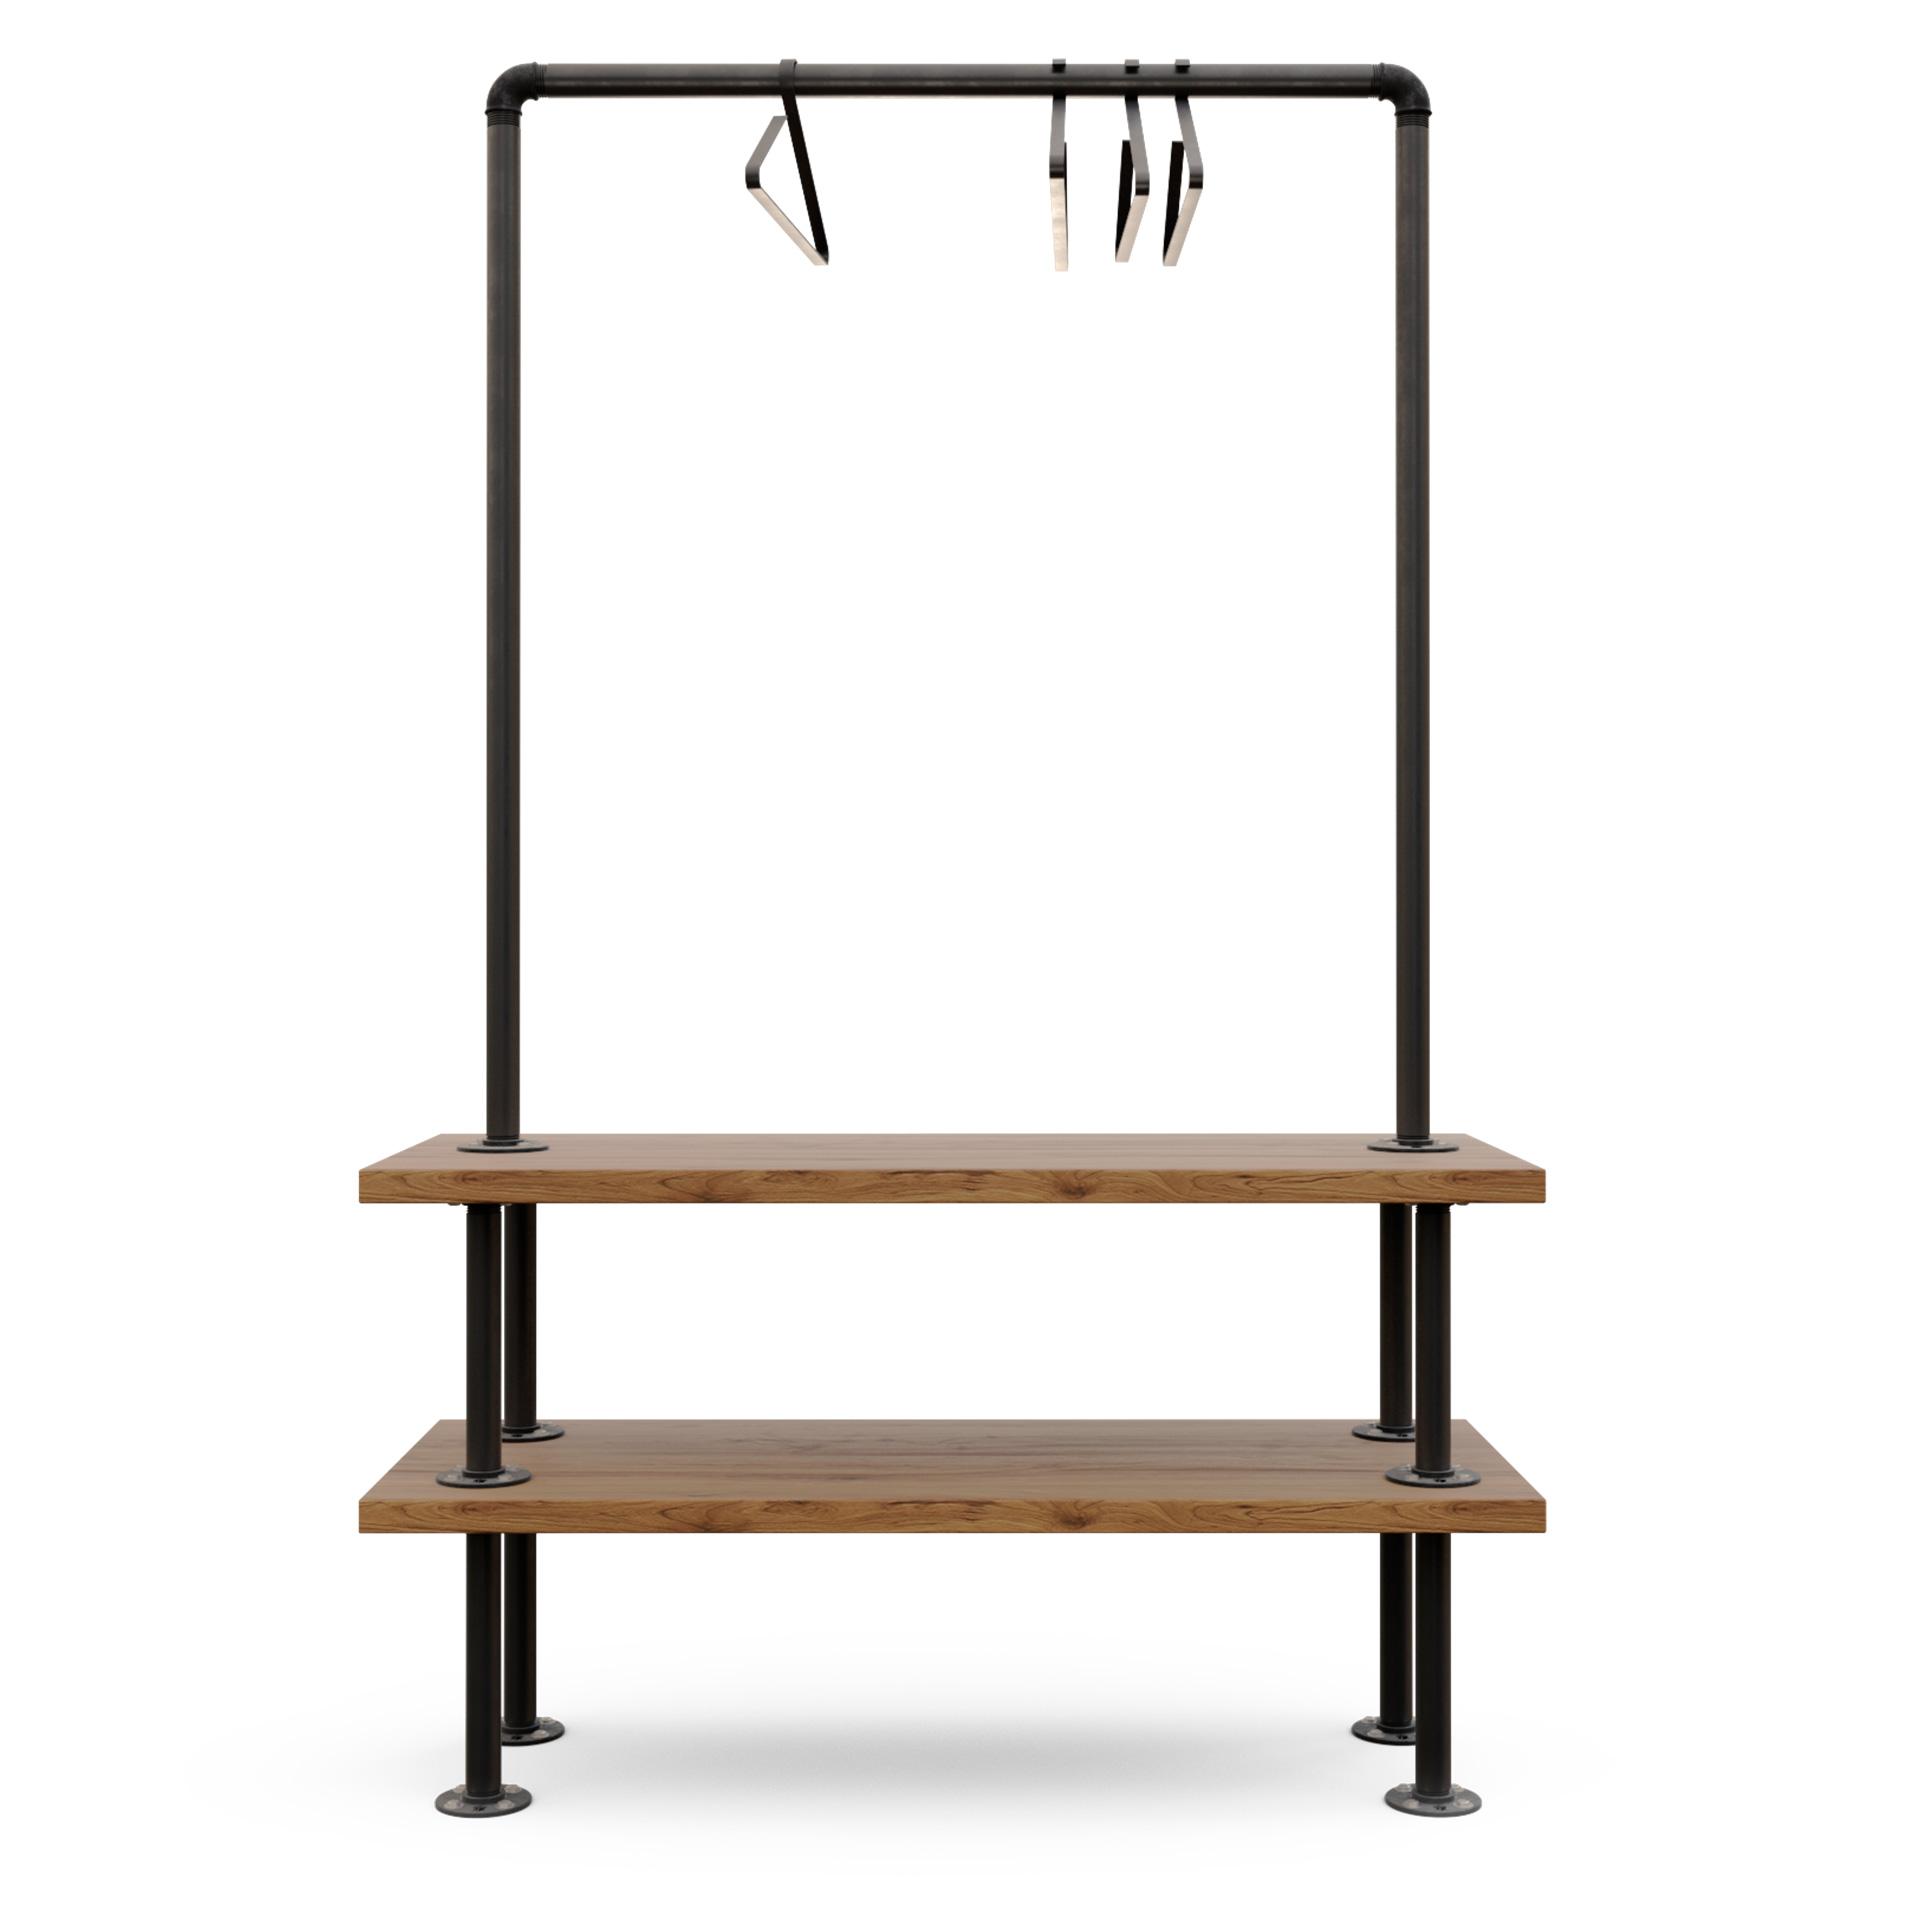 perchero ropa comercial para tienda modelo Portland Frontal